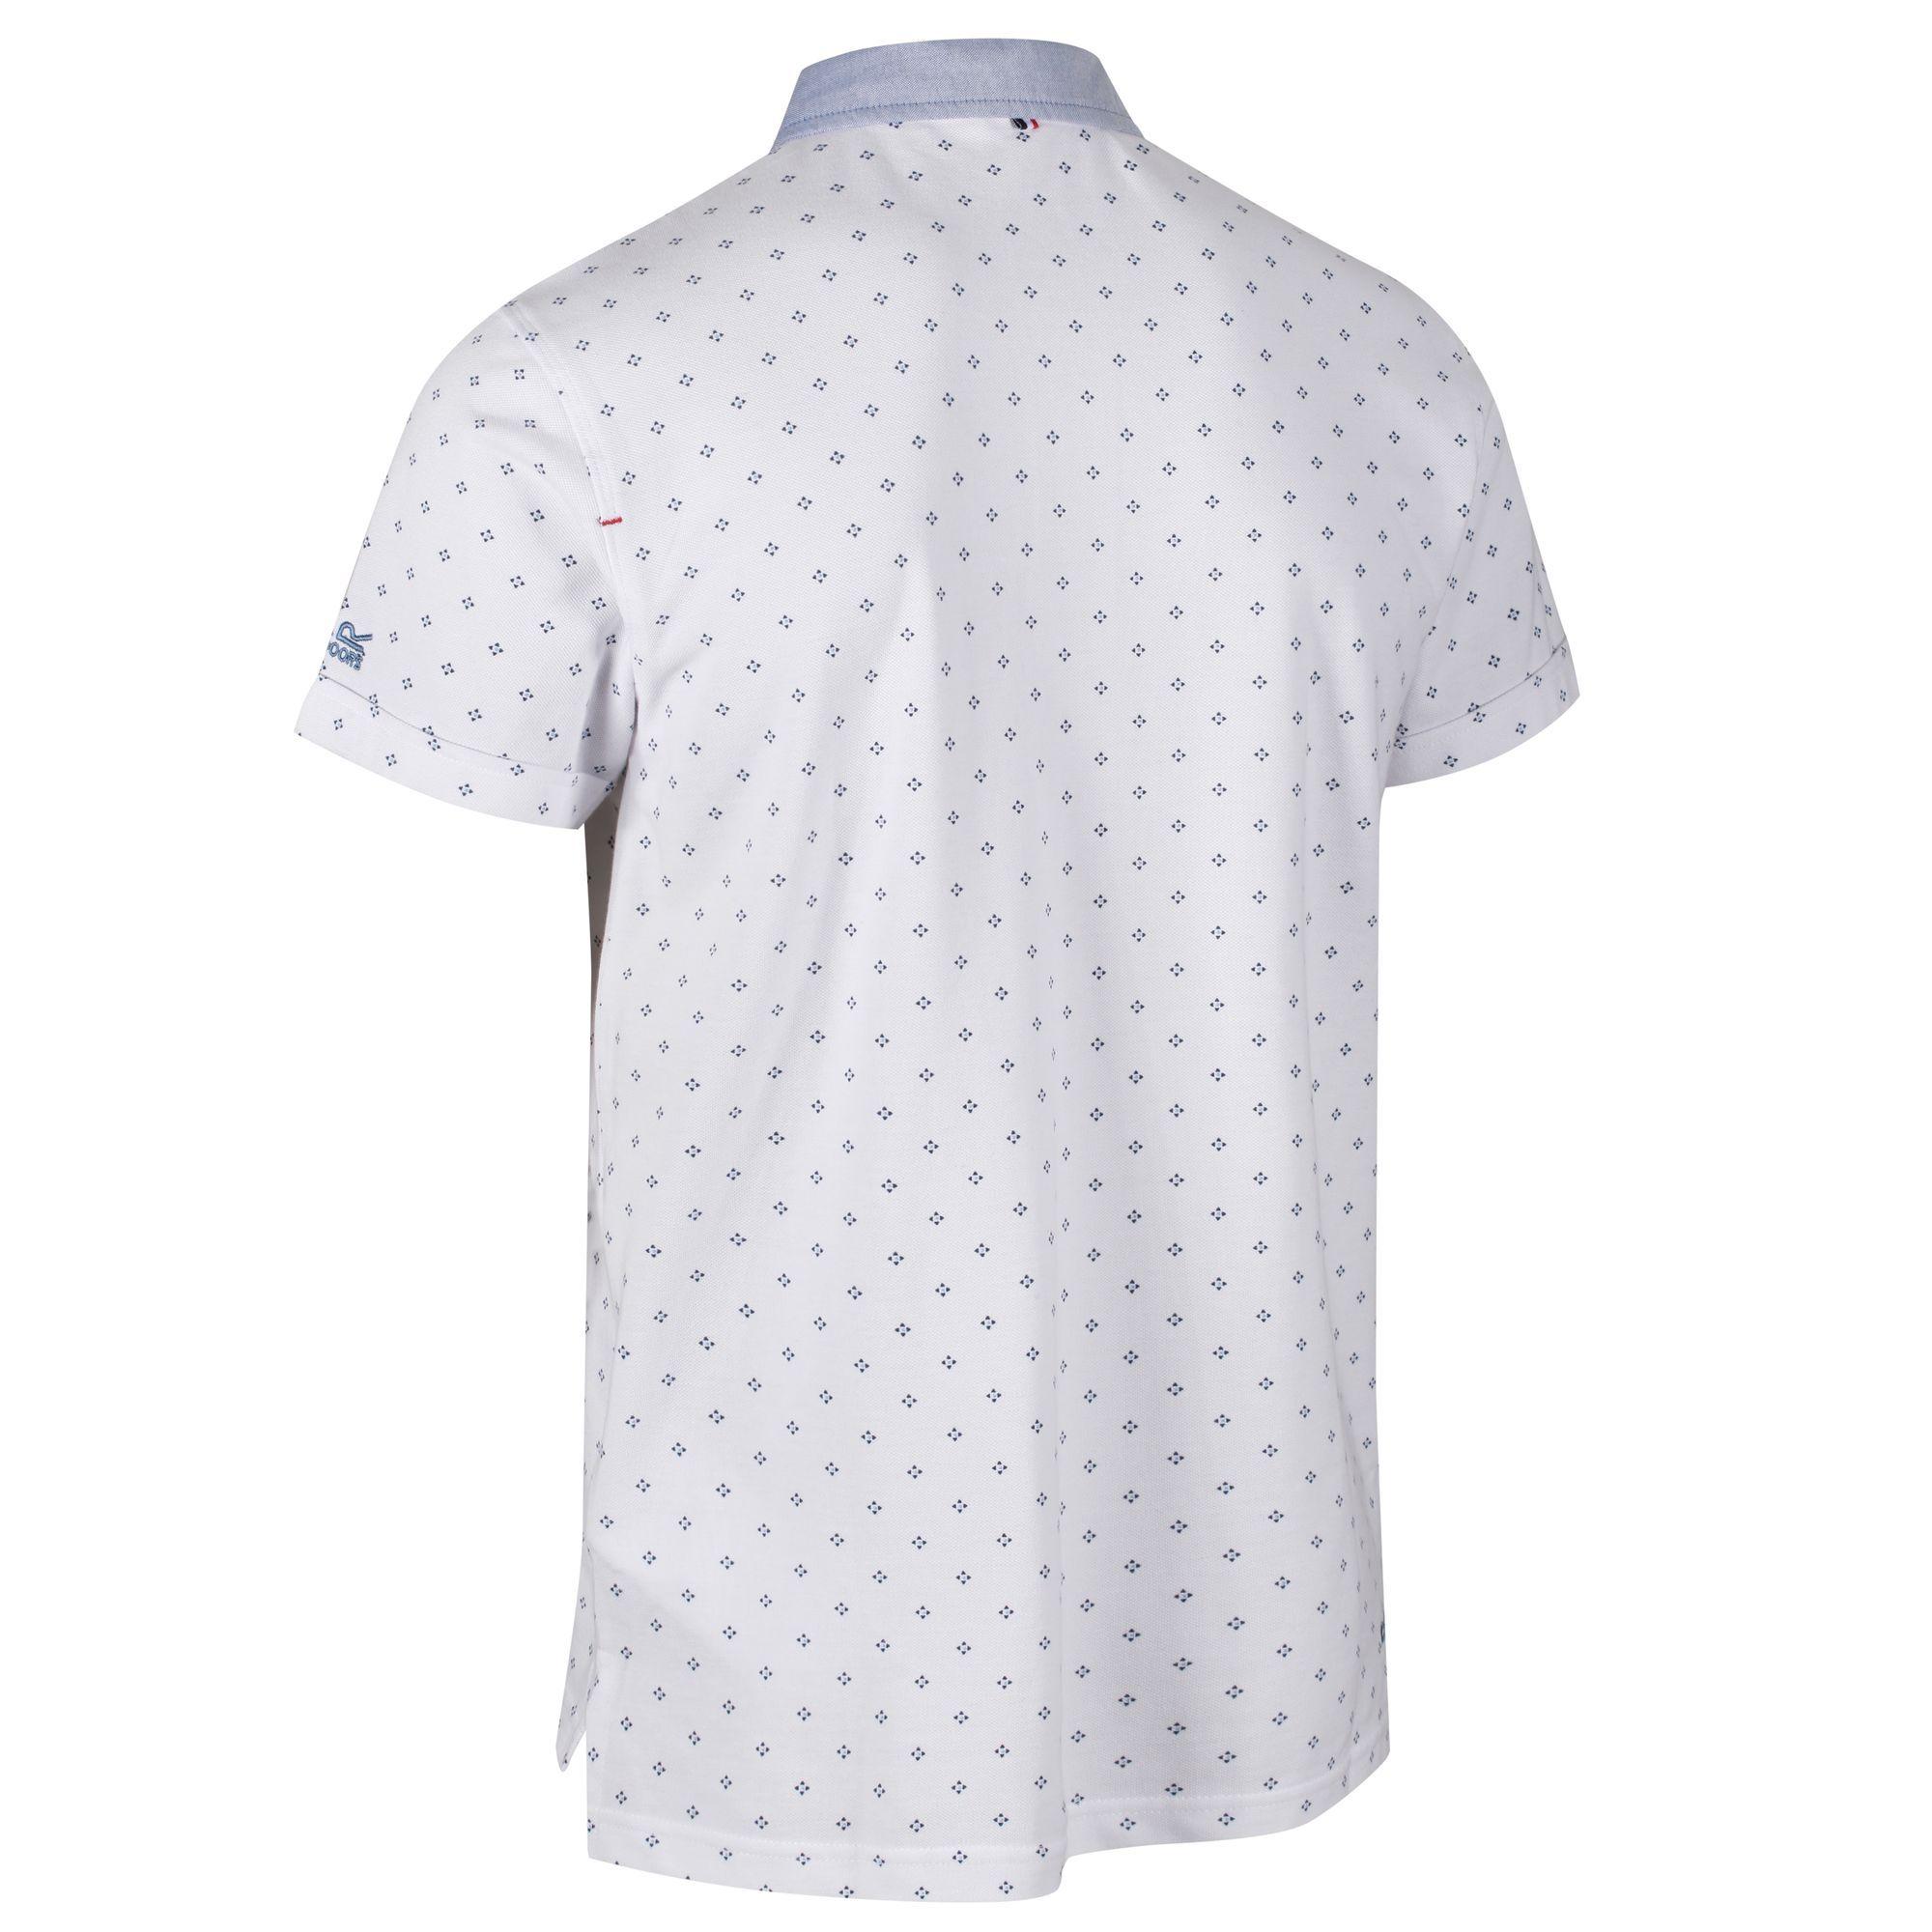 Regatta-Mens-Bahram-Polo-Shirt-RG4205 thumbnail 9